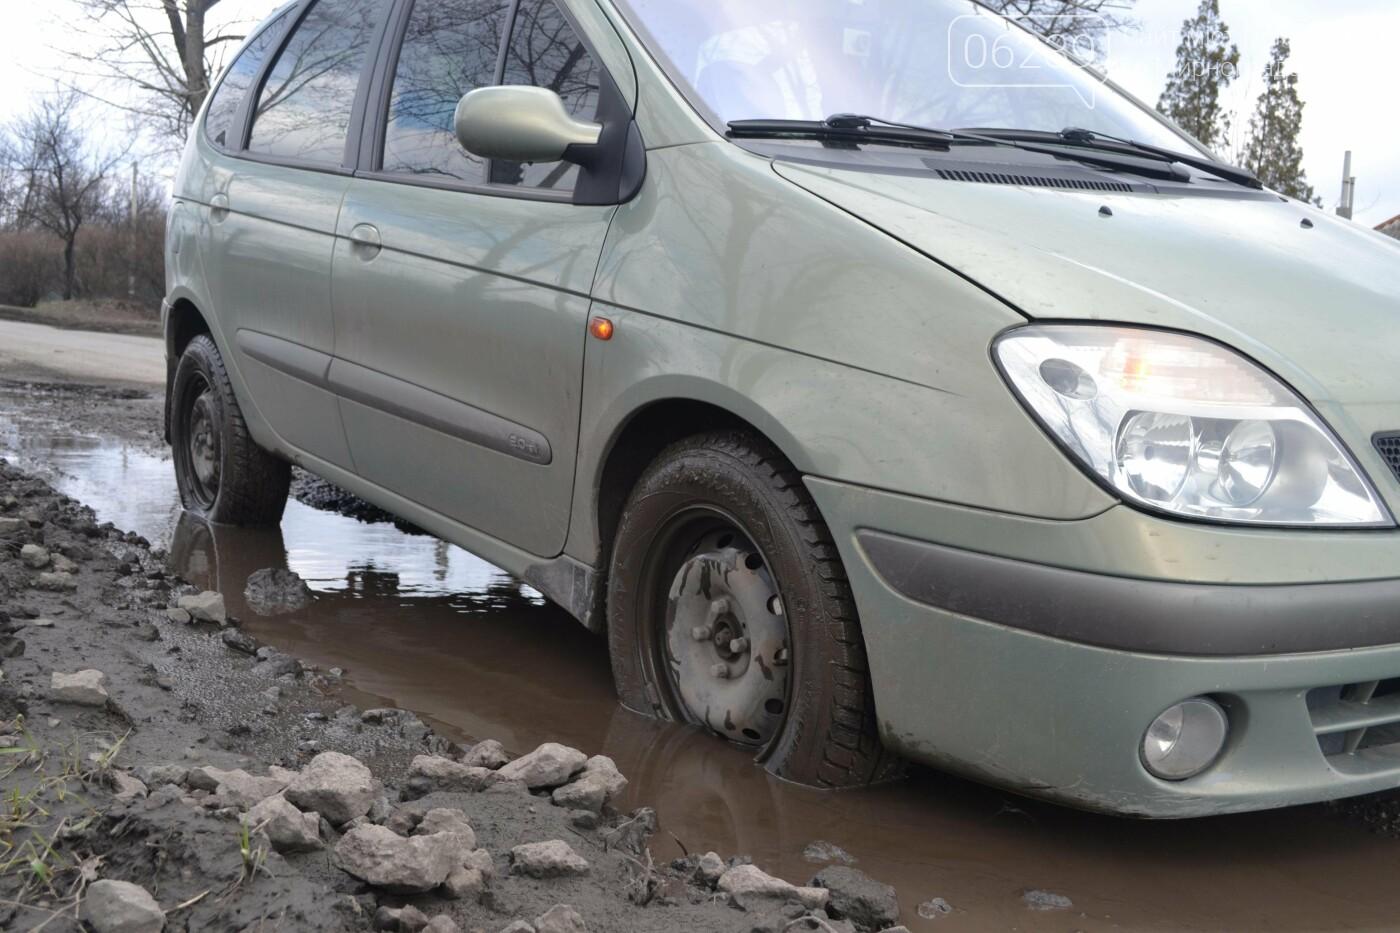 Попал в яму — сам виноват: копы составили протокол на водителя из Покровска, который, въехав в яму, повредил авто, фото-30